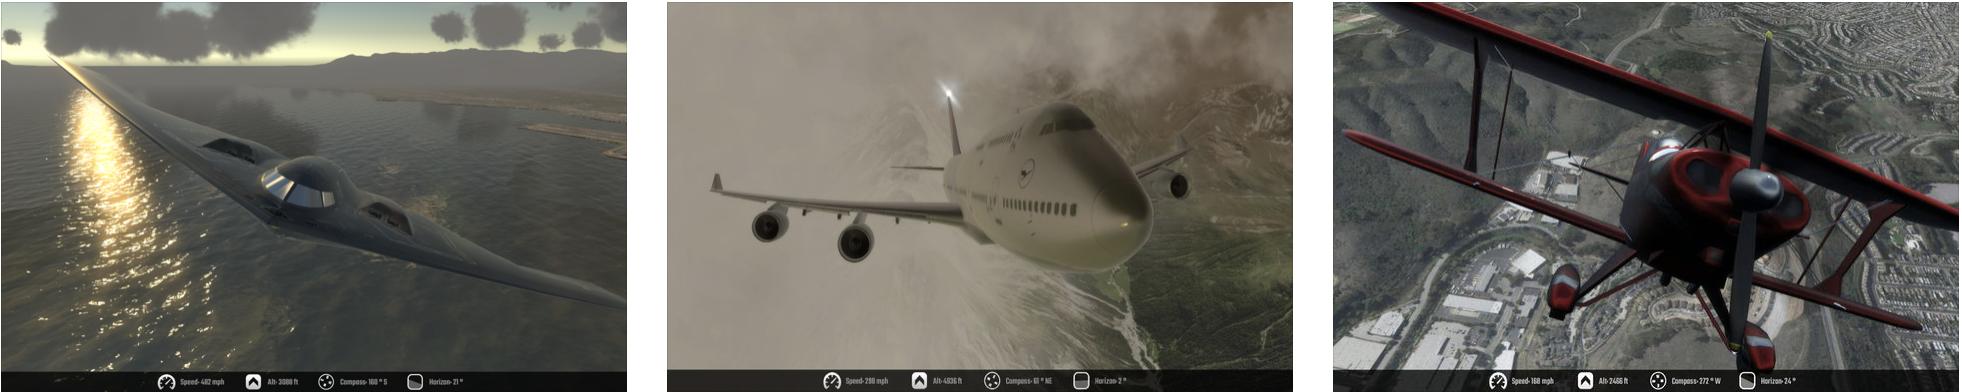 Flight Unlimited 2K17